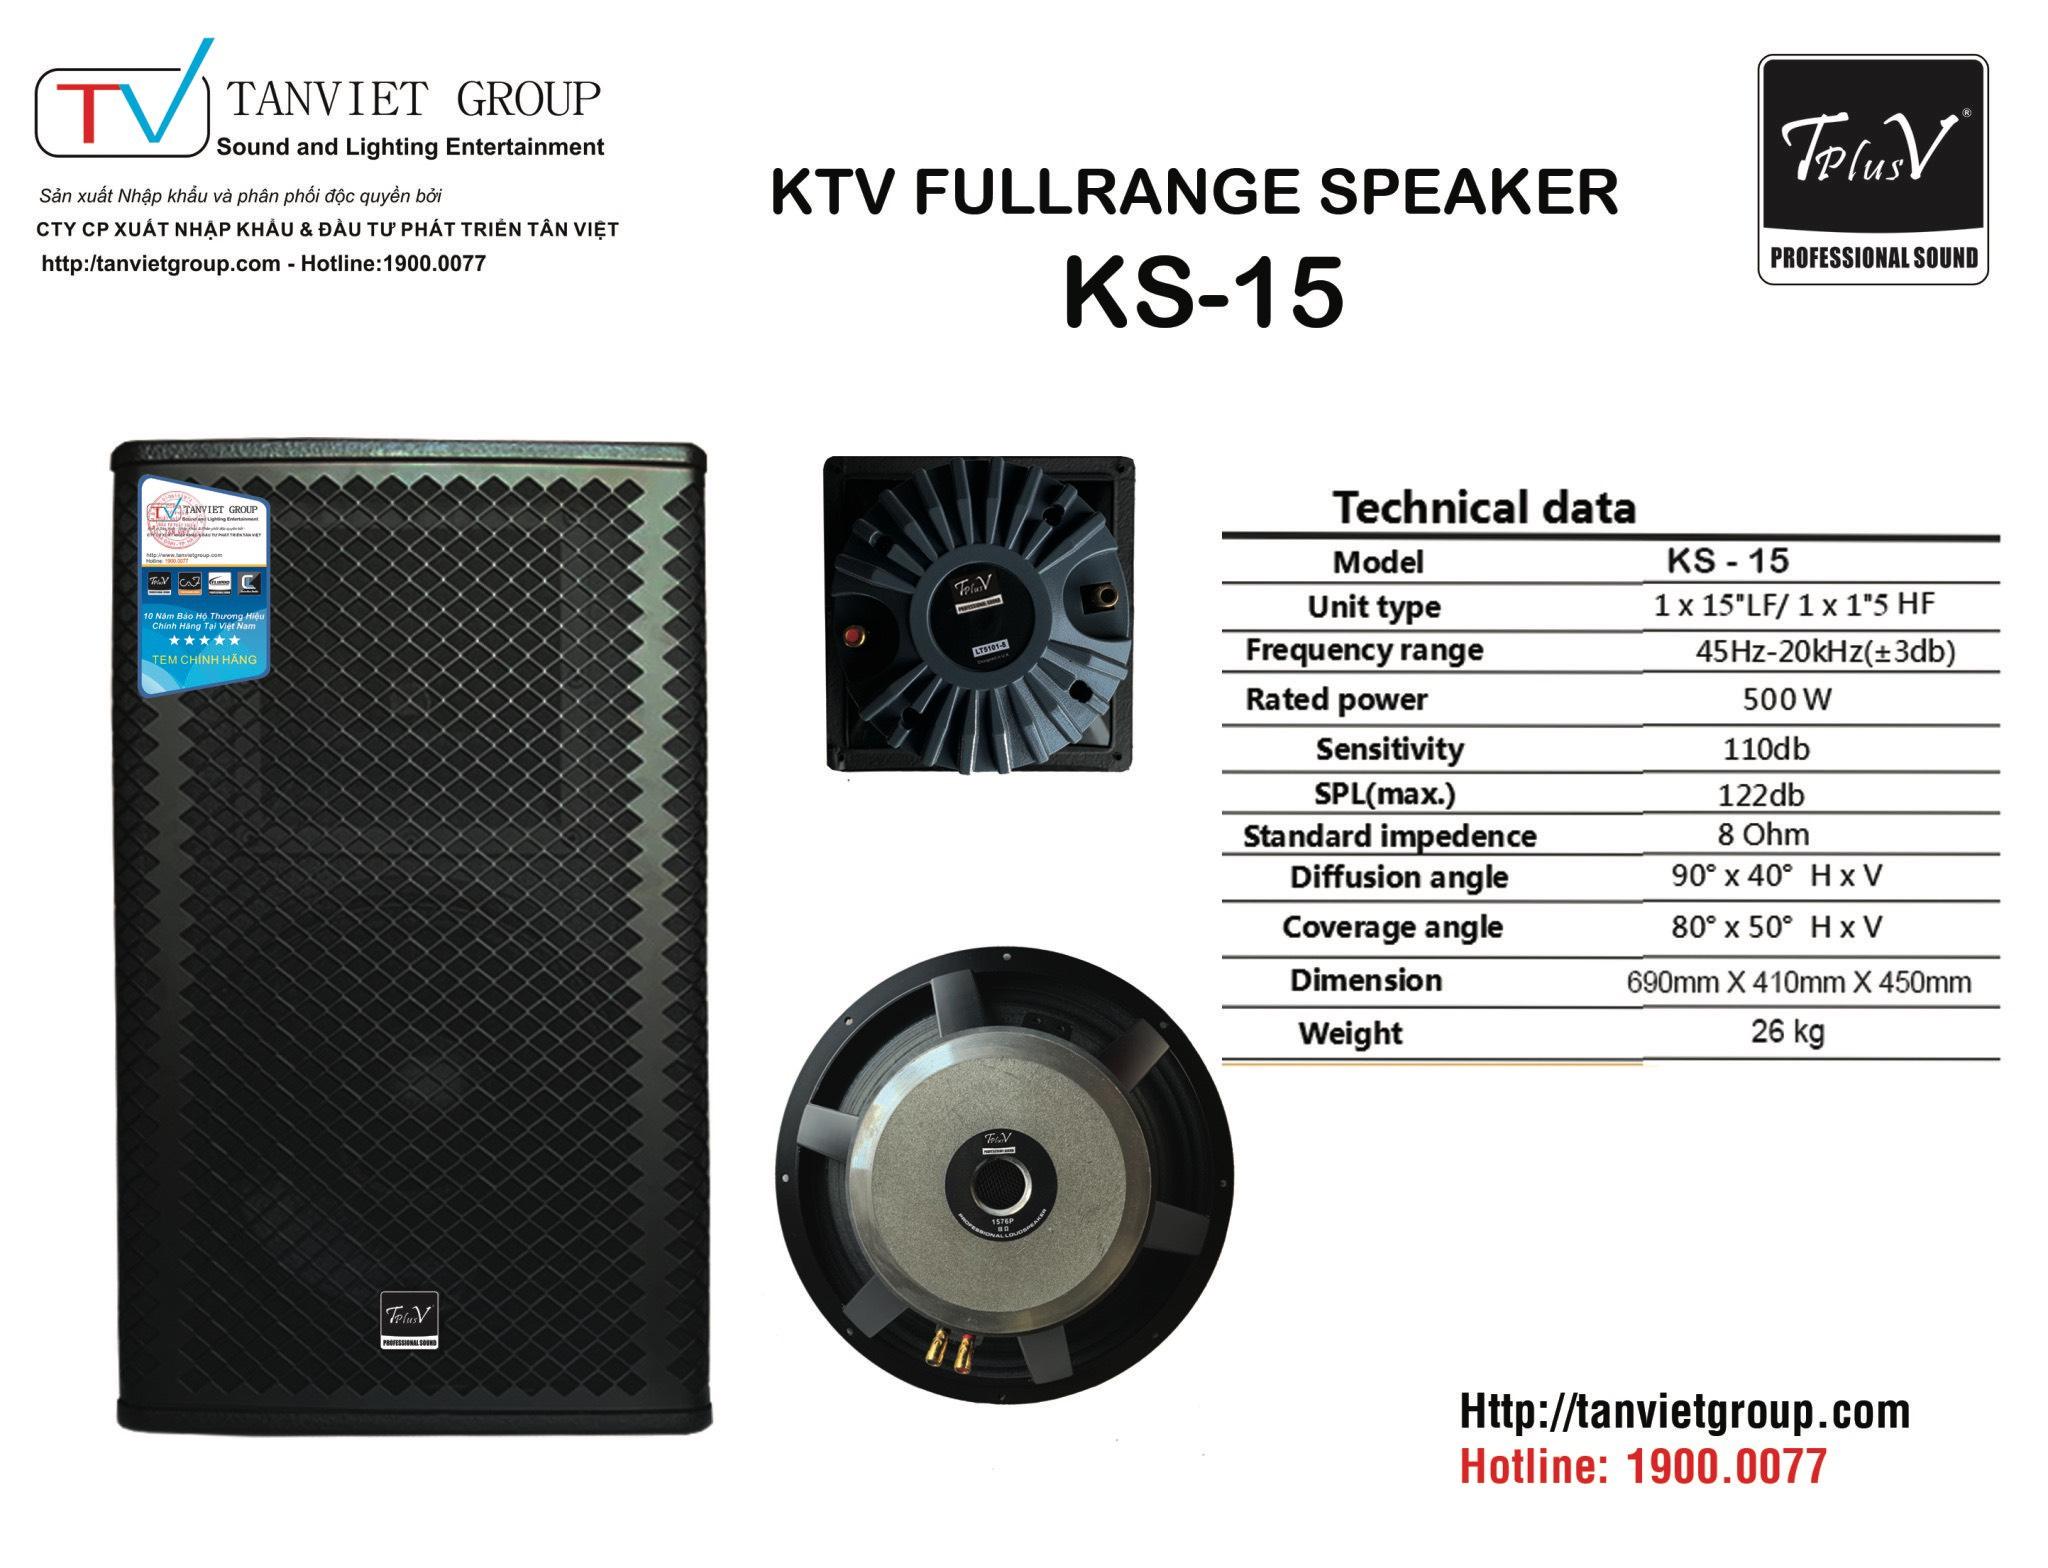 SPEAKER TPLUSV KS-15